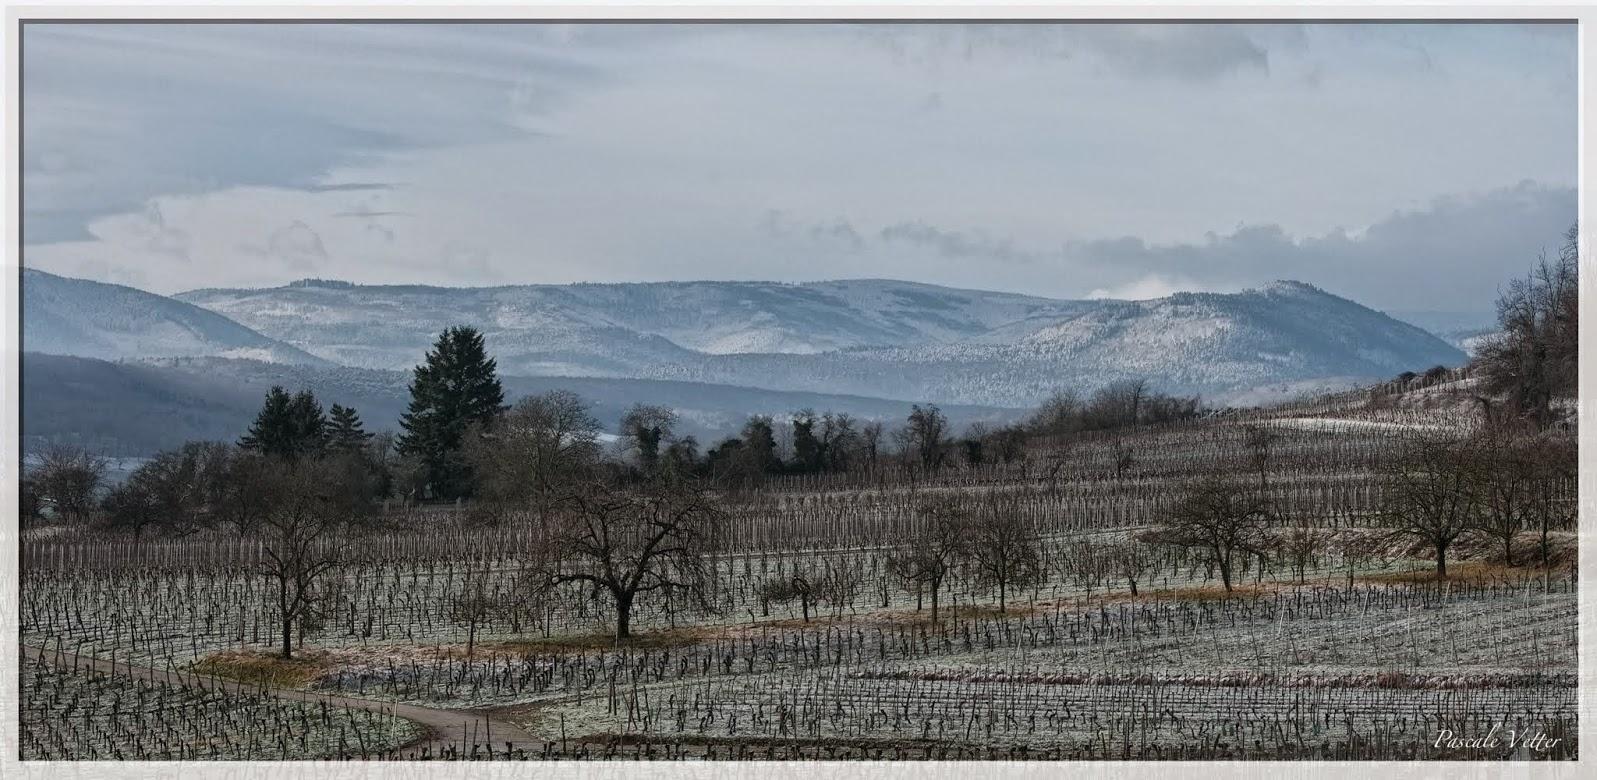 debut janvier, dans le vignoble alsacien